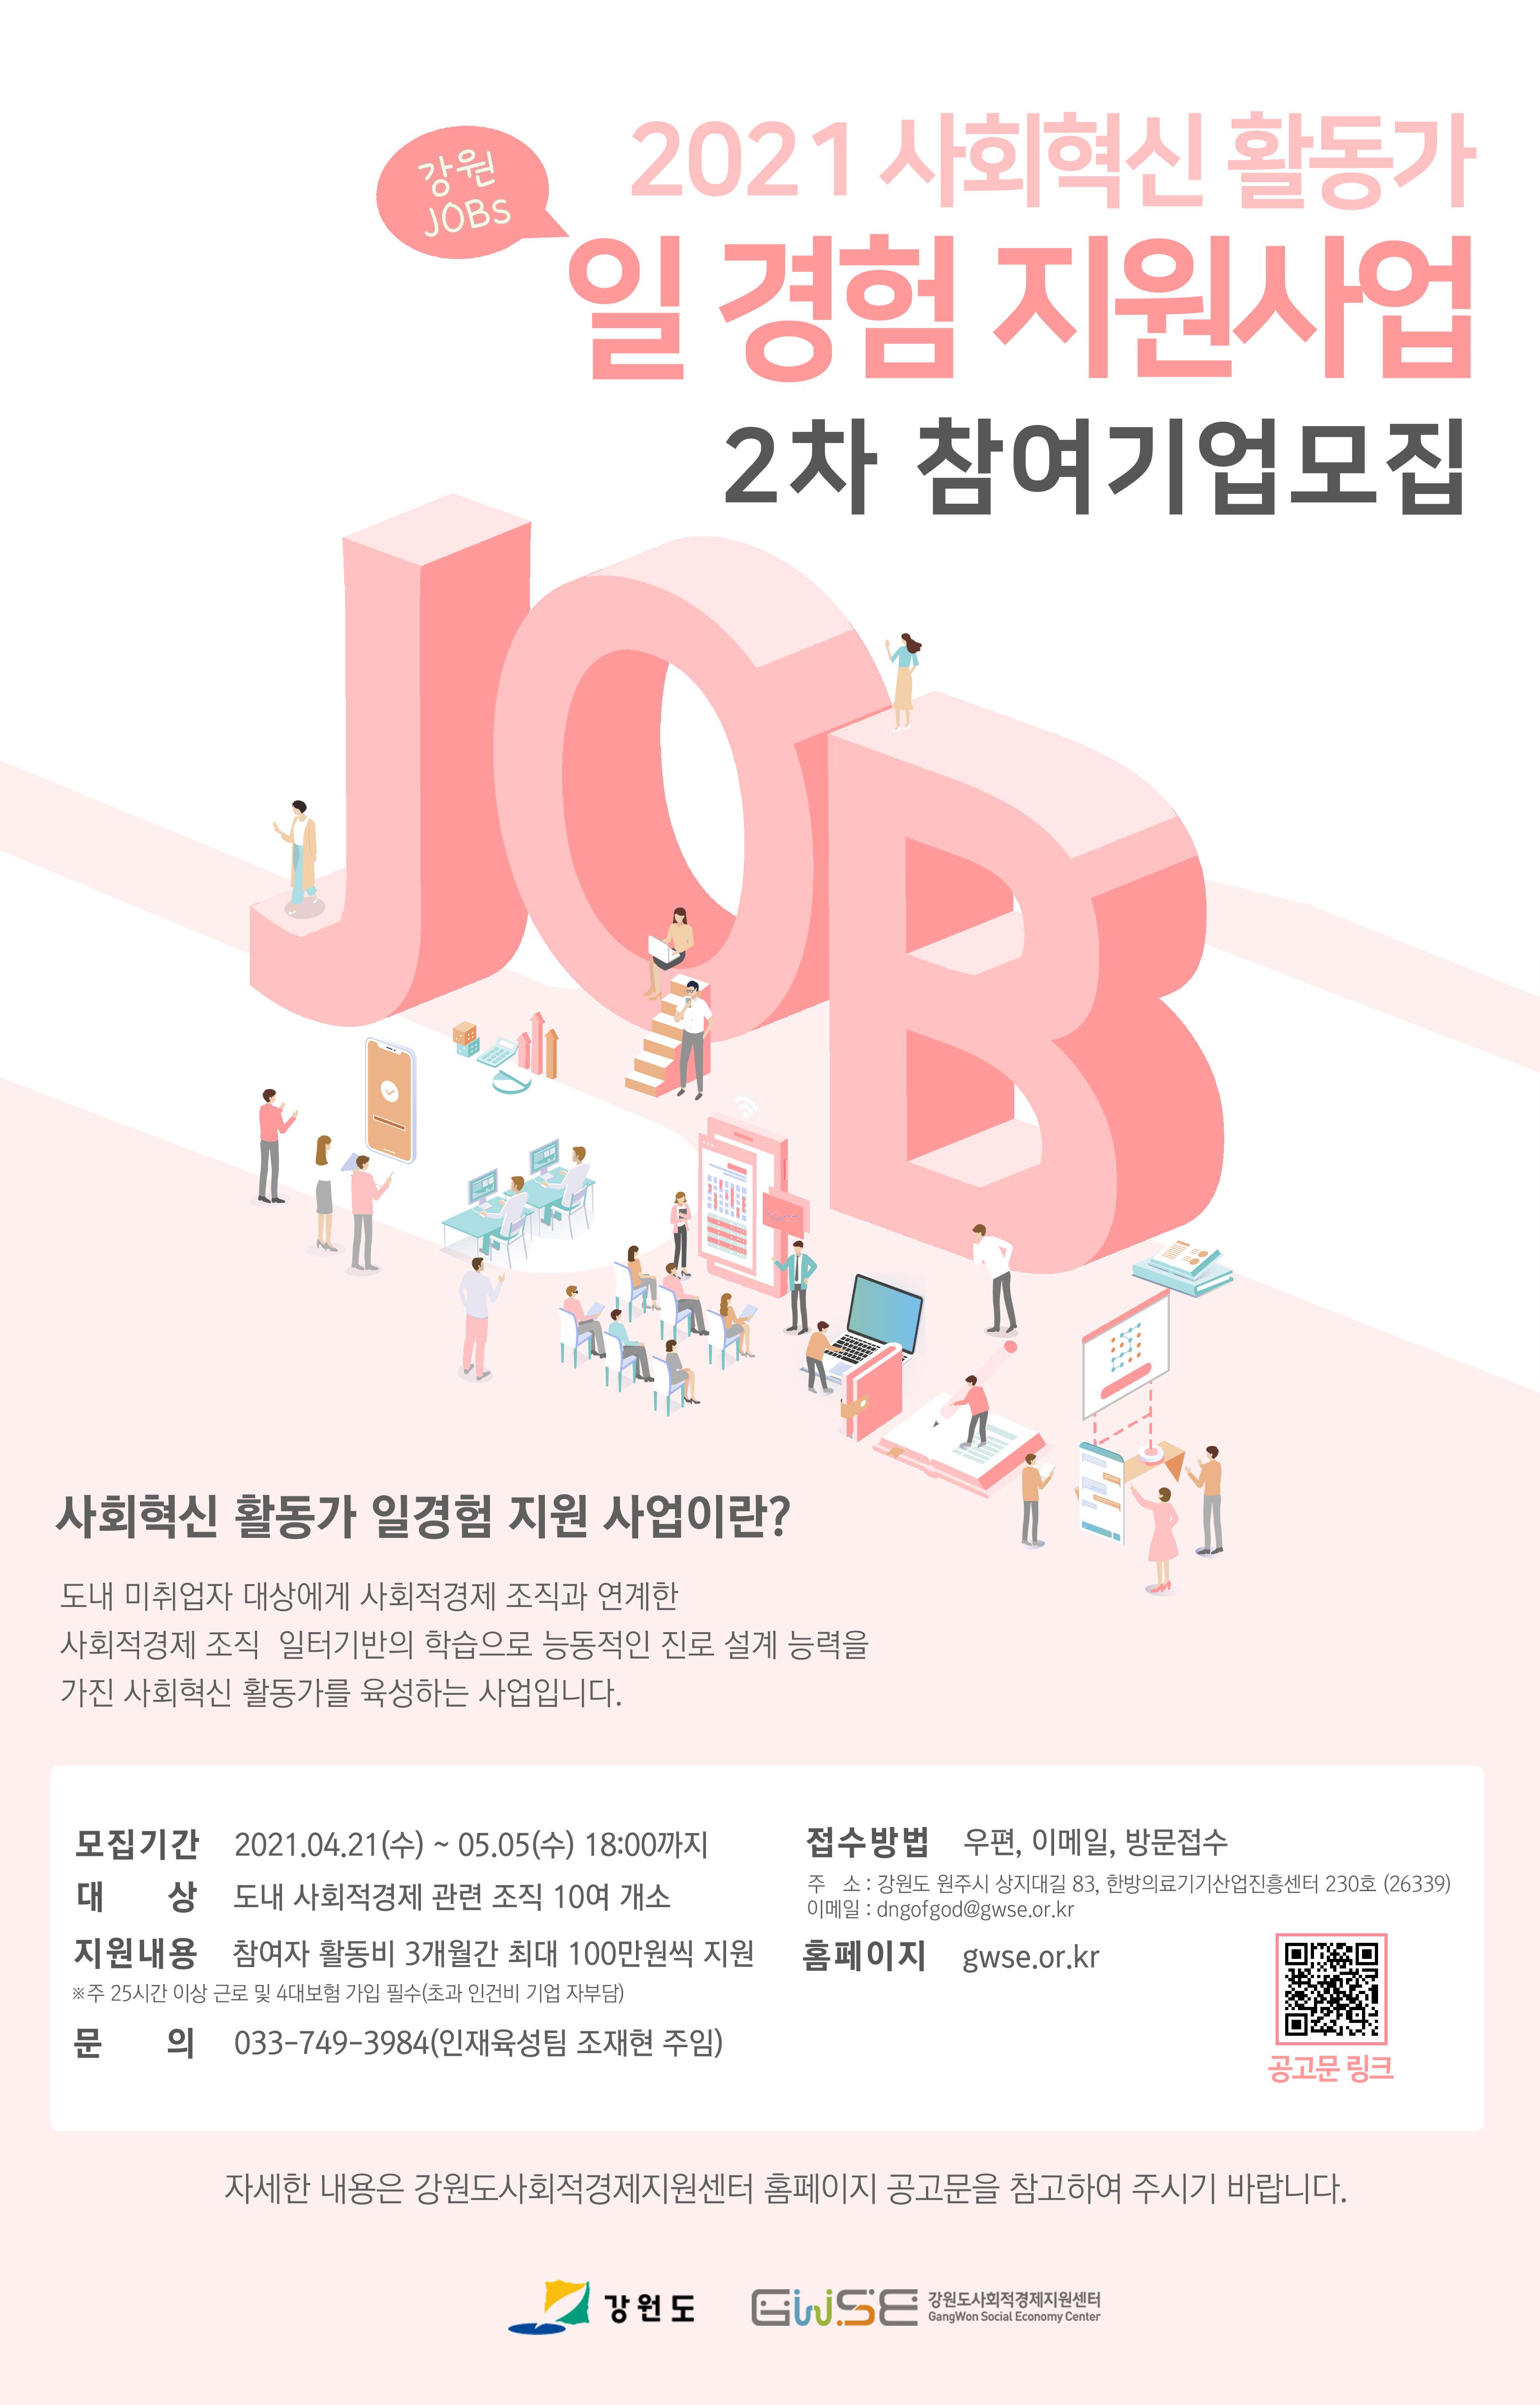 [안내] 강원도사회적경제지원센터 |  「2021 사회혁신 활동가 일 경험 지원(강원JOBs)」 2차 참여기업 모집공고